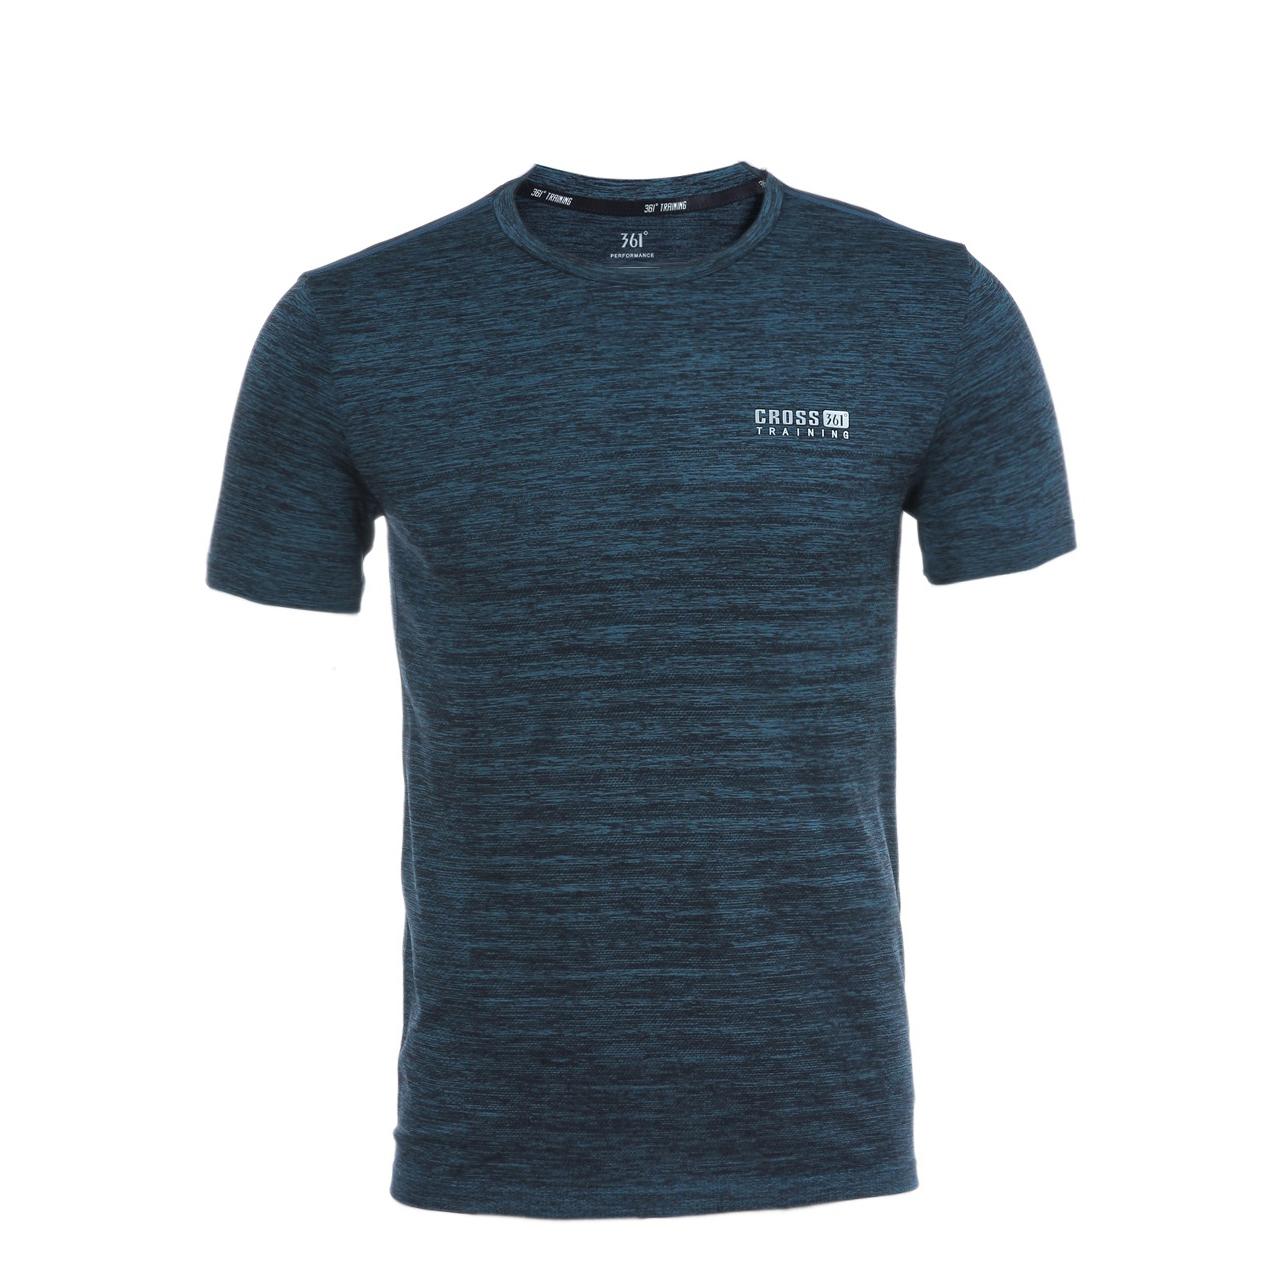 تی شرت ورزشی مردانه 361 درجه مدل 2-4103